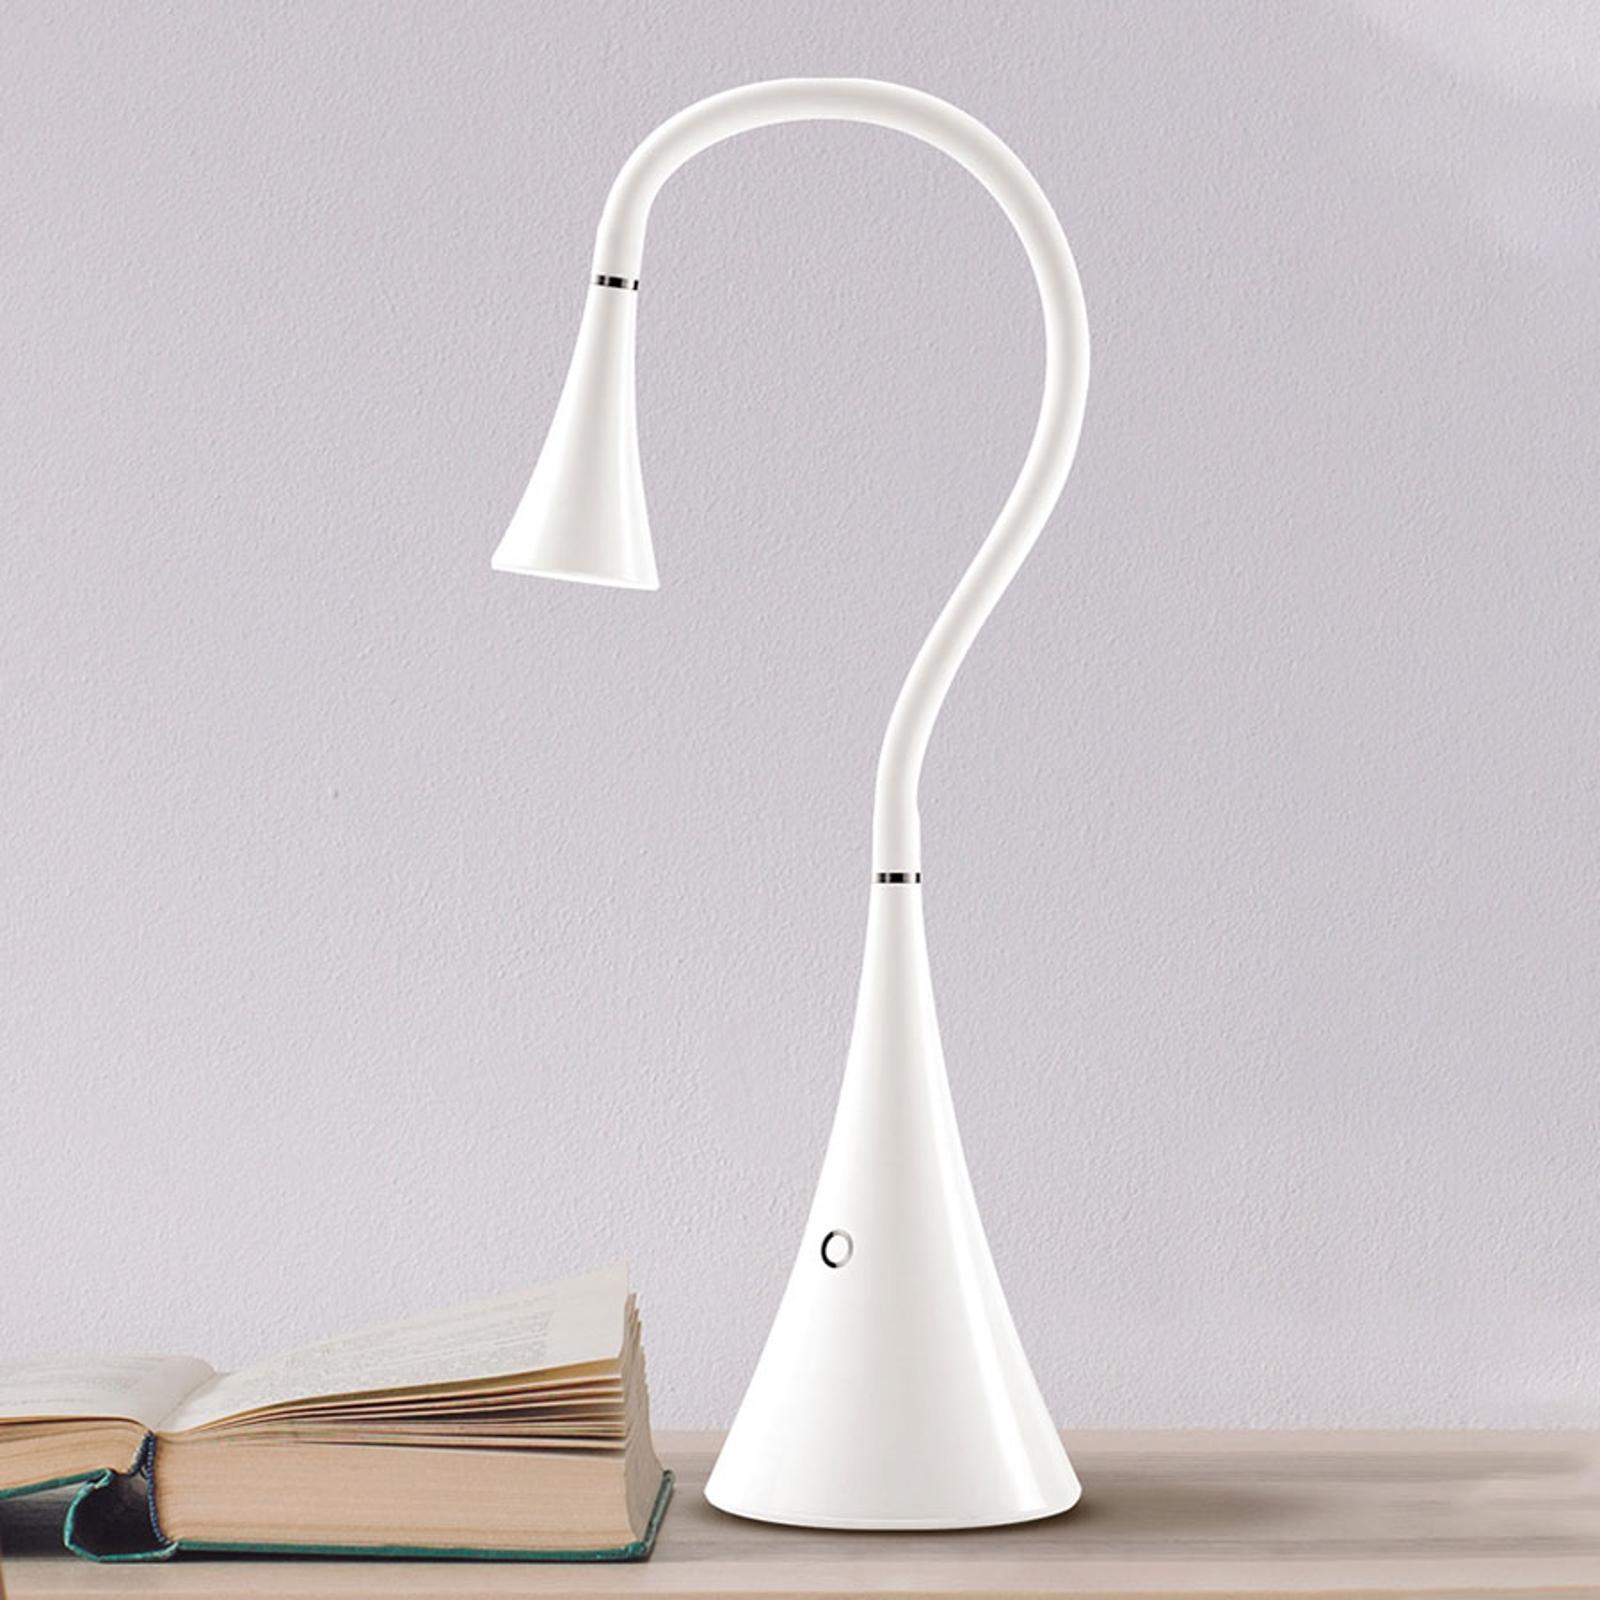 TRAE Kuki LED-Schreibtischleuchte 5.000 K, weiß